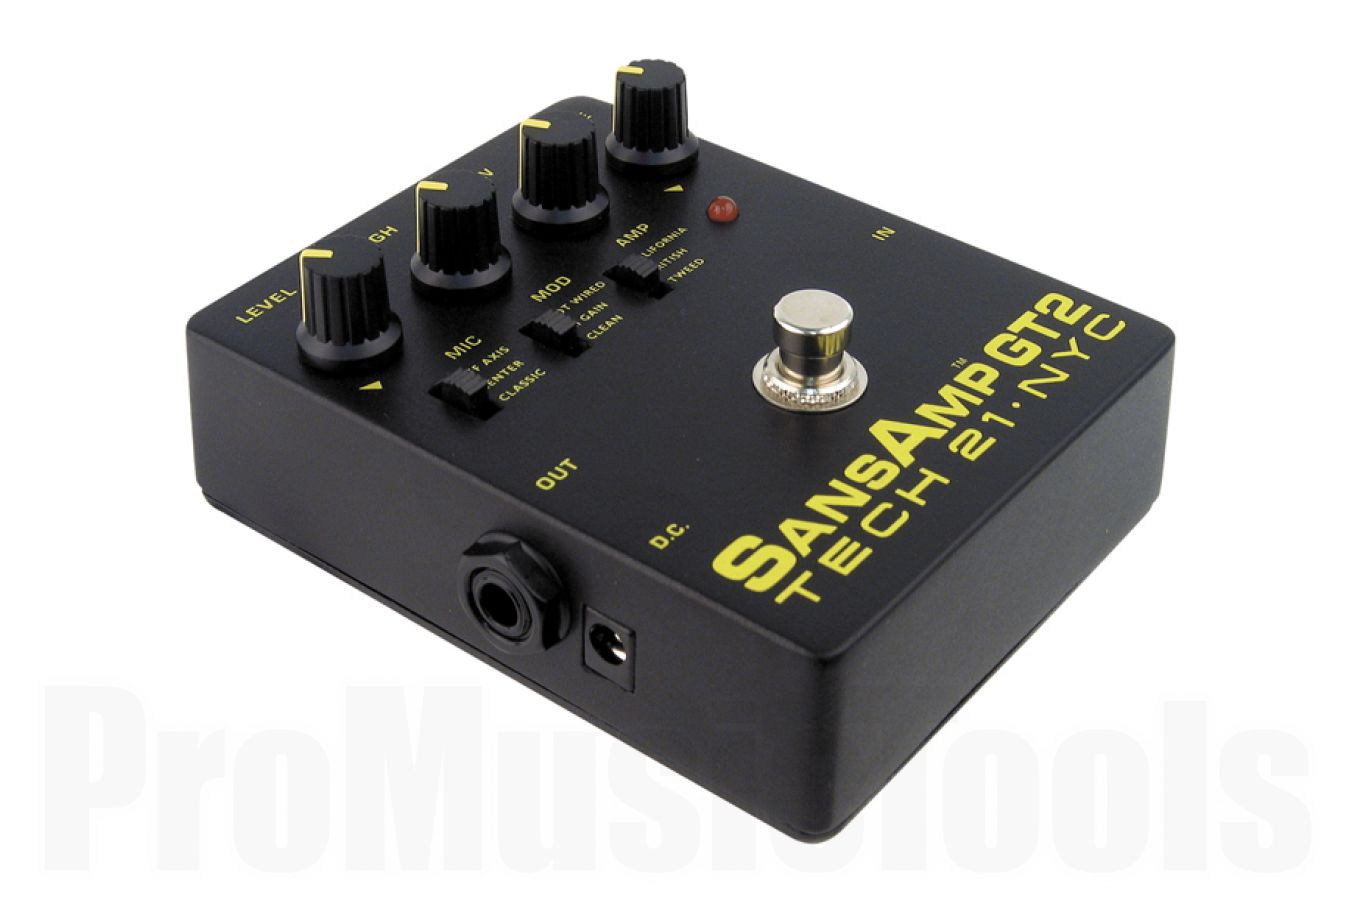 Tech 21 USA SansAmp GT2 Tube Amp Emulator